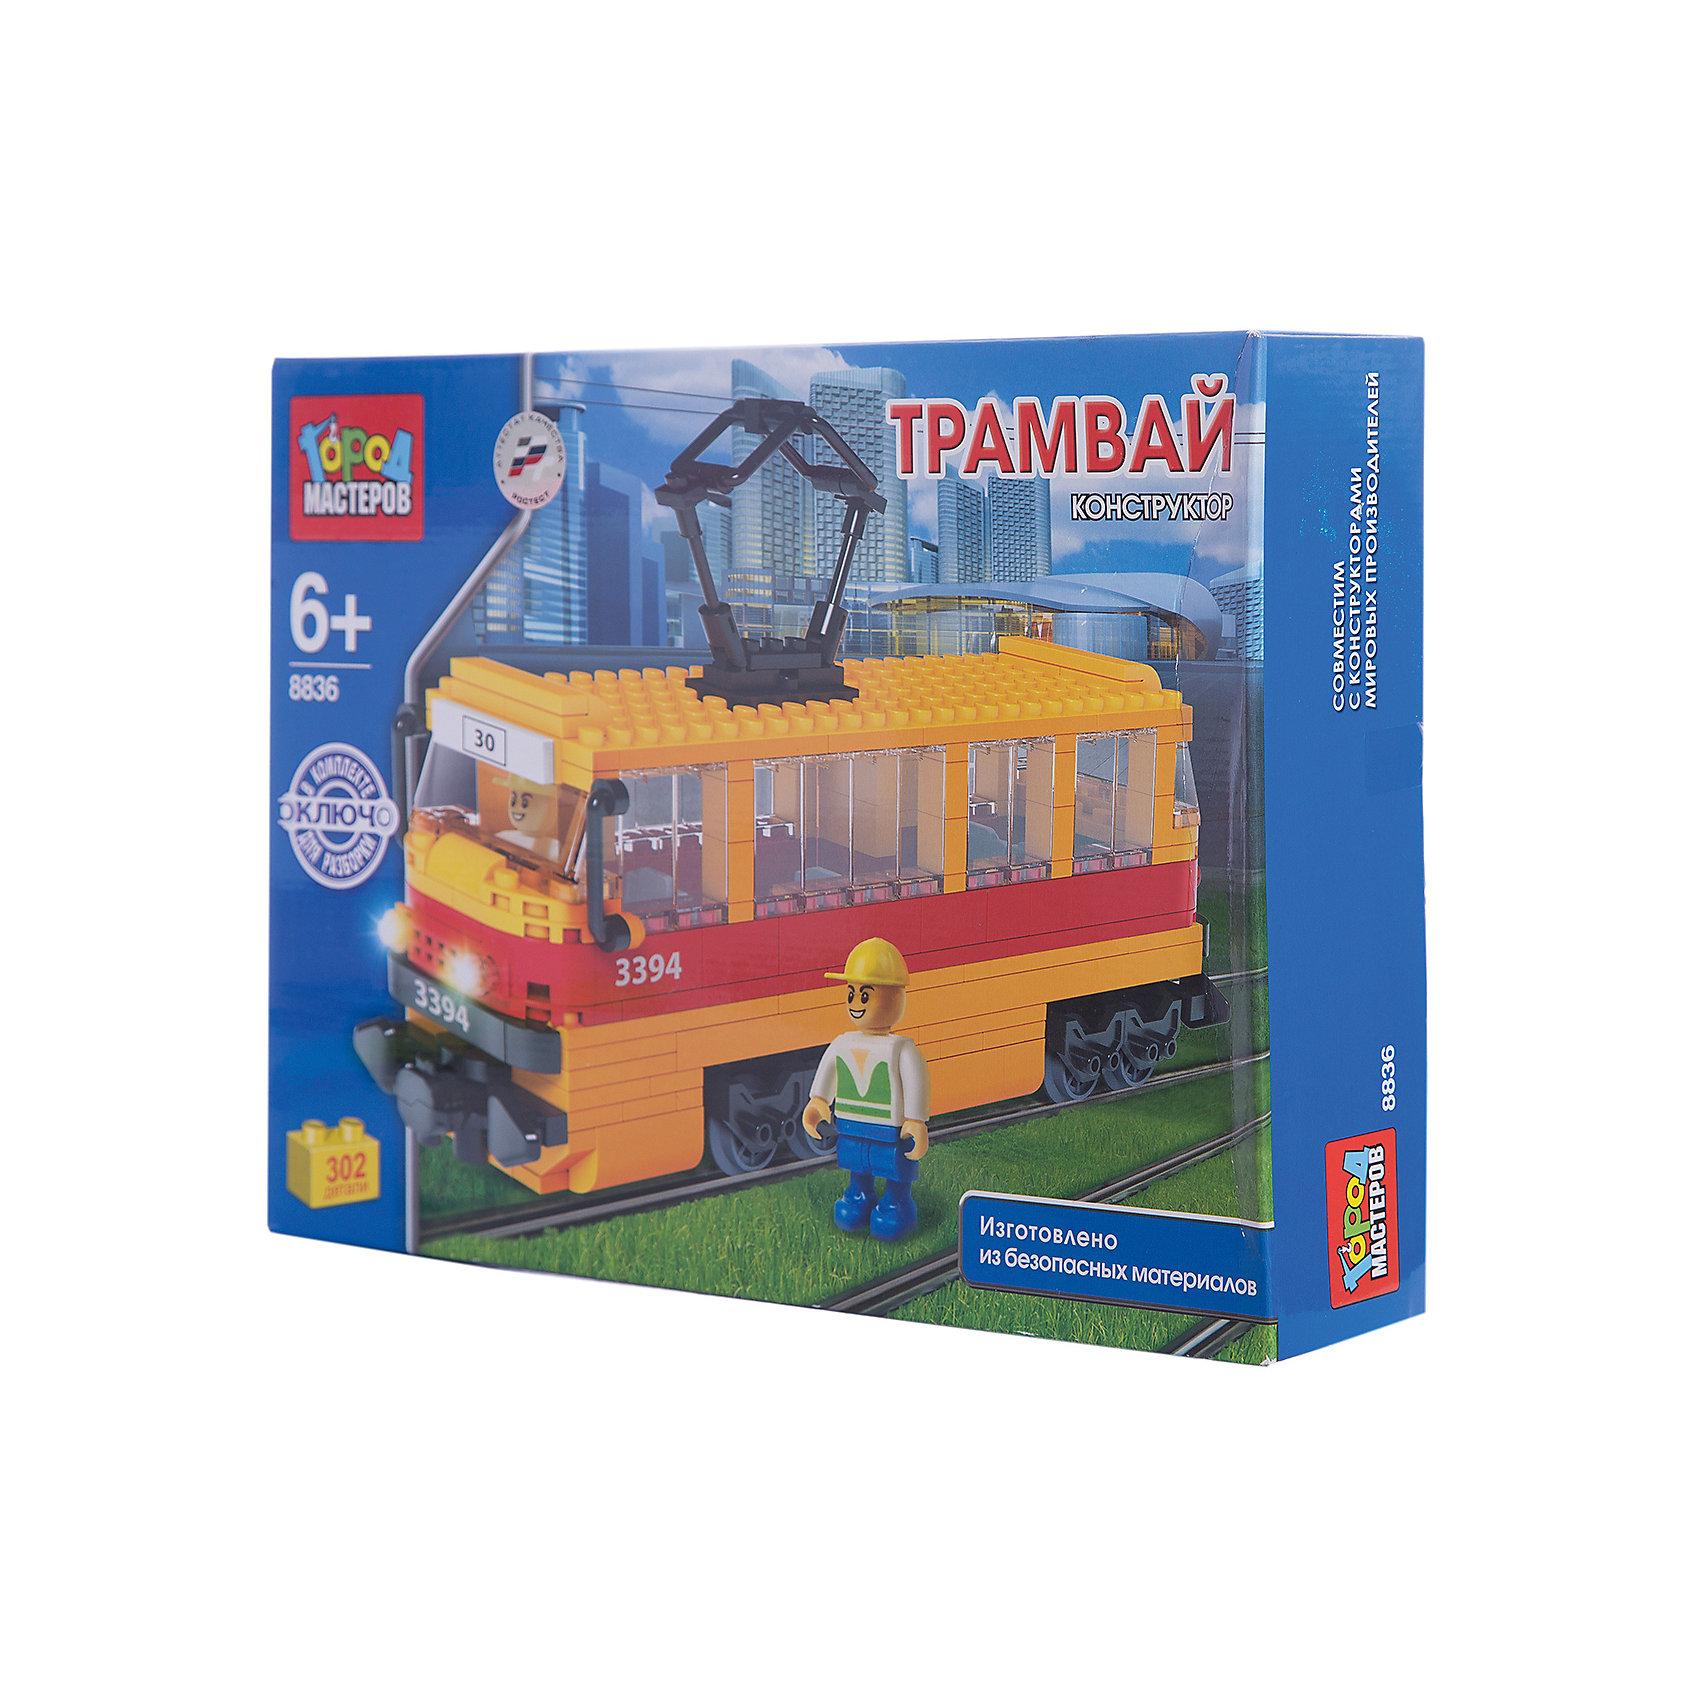 Конструктор Трамвай 302 дет.Сборные модели транспорта<br>Конструктор Трамвай 302 дет., Город мастеров-это развивающий уникальный игровой набор высокого качества, предназначенный на детей младшего и школьного возраста. Функциональная, детализированная, реалистичная модель трамвая обязательно развлечет Вашего ребёнка и понравится каждому любителю городского автотранспорта.<br><br>Конструктор включает в себя все необходимые детали, с помощью которых легко собрать большой трамвай классического желтого цвета, максимально детализированный как внутри, так и снаружи. <br><br>Дополнительная информация:<br><br>Комплектация:<br>-В конструкторе 302 детали<br>-Инструкция<br>-У трамвая открываются водительская и пассажирские двери, он оборудован подвижным токоприемником, расположенными на крыше трамвая, имеются таблички с номером маршрута и номеров самого транспортного средства<br>-Развивает мелкую моторику рук, внимательность, усидчивость, воображение, способствует многостороннему развитию<br>-Набор прекрасно подходит для различных сюжетно-ролевых игр<br>-Детали данного конструктора совместимы с деталями конструкторов мировых производителей<br>-Яркий дизайн и высокое качество конструктора<br>-Материал: высококачественный пластик<br>-Размеры упаковки: 7x33x24 см<br><br>С таким замечательным трамваем ребёнок сможет разыгрывать интересные сценки из современной городской жизни и стать участником дорожного движения. Играя с конструктором, ребёнок научится собирать детали по образцу, и будет проводить время с пользой и удовольствием. <br><br>Конструктор Трамвай 302 дет., Город мастеров можно купить в нашем магазине.<br><br>Ширина мм: 70<br>Глубина мм: 330<br>Высота мм: 240<br>Вес г: 630<br>Возраст от месяцев: 72<br>Возраст до месяцев: 1188<br>Пол: Мужской<br>Возраст: Детский<br>SKU: 3537094